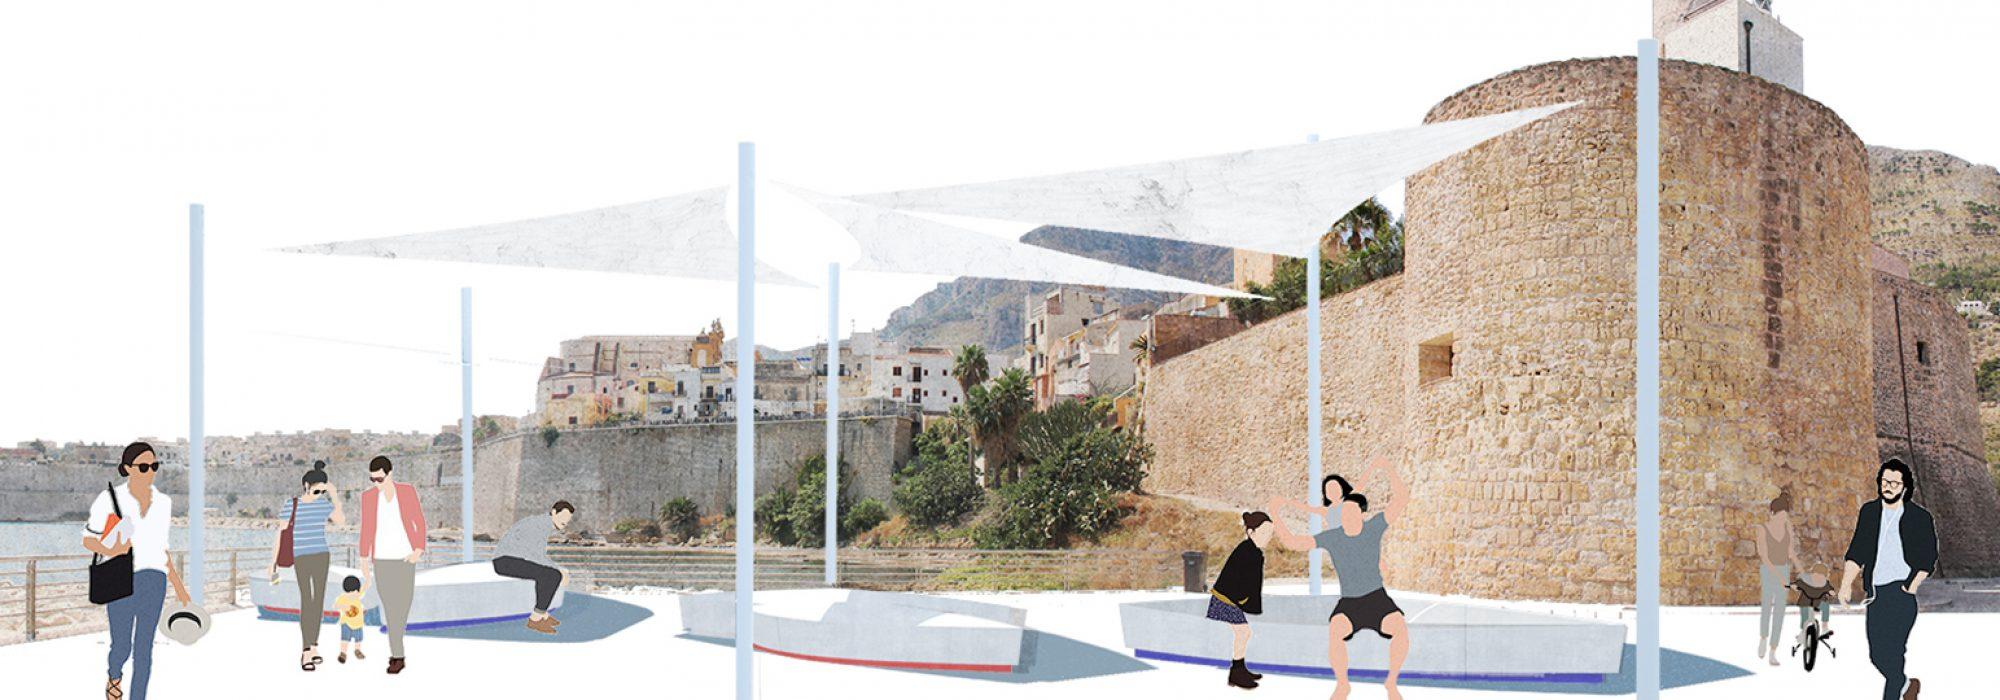 Studio Ro.K Castellammare waterfront_piazza Stenditoio_cover